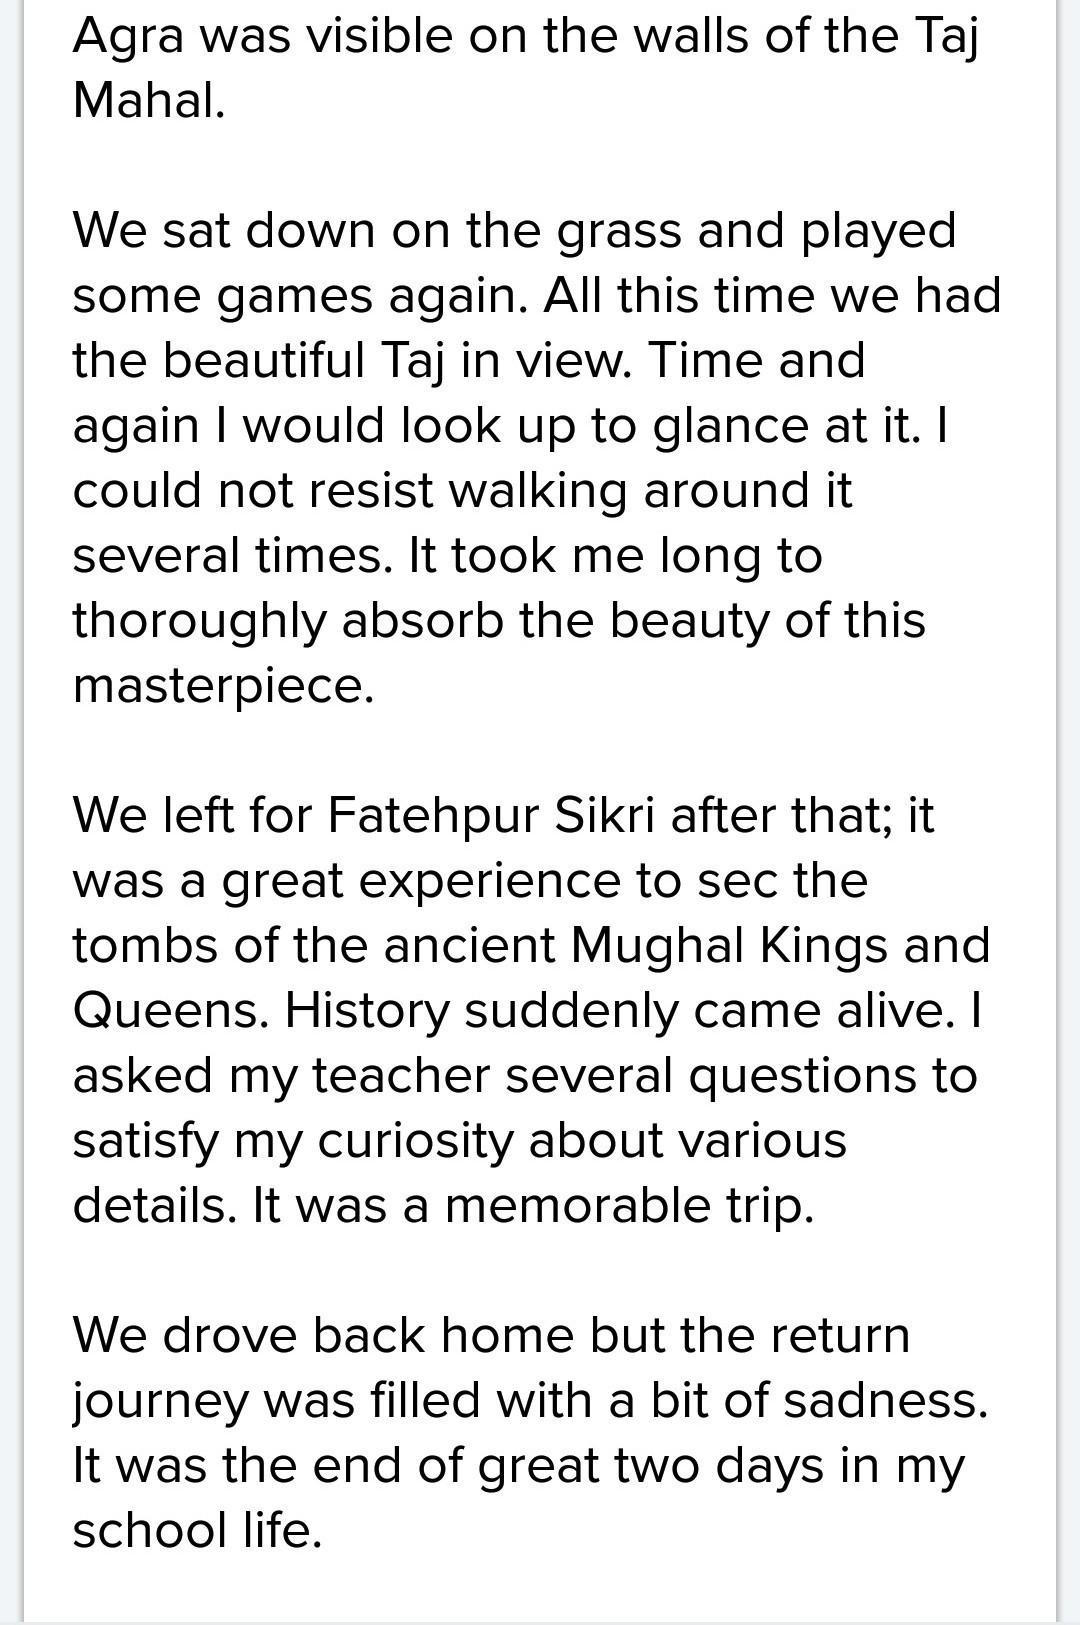 a memorable journey paragraph